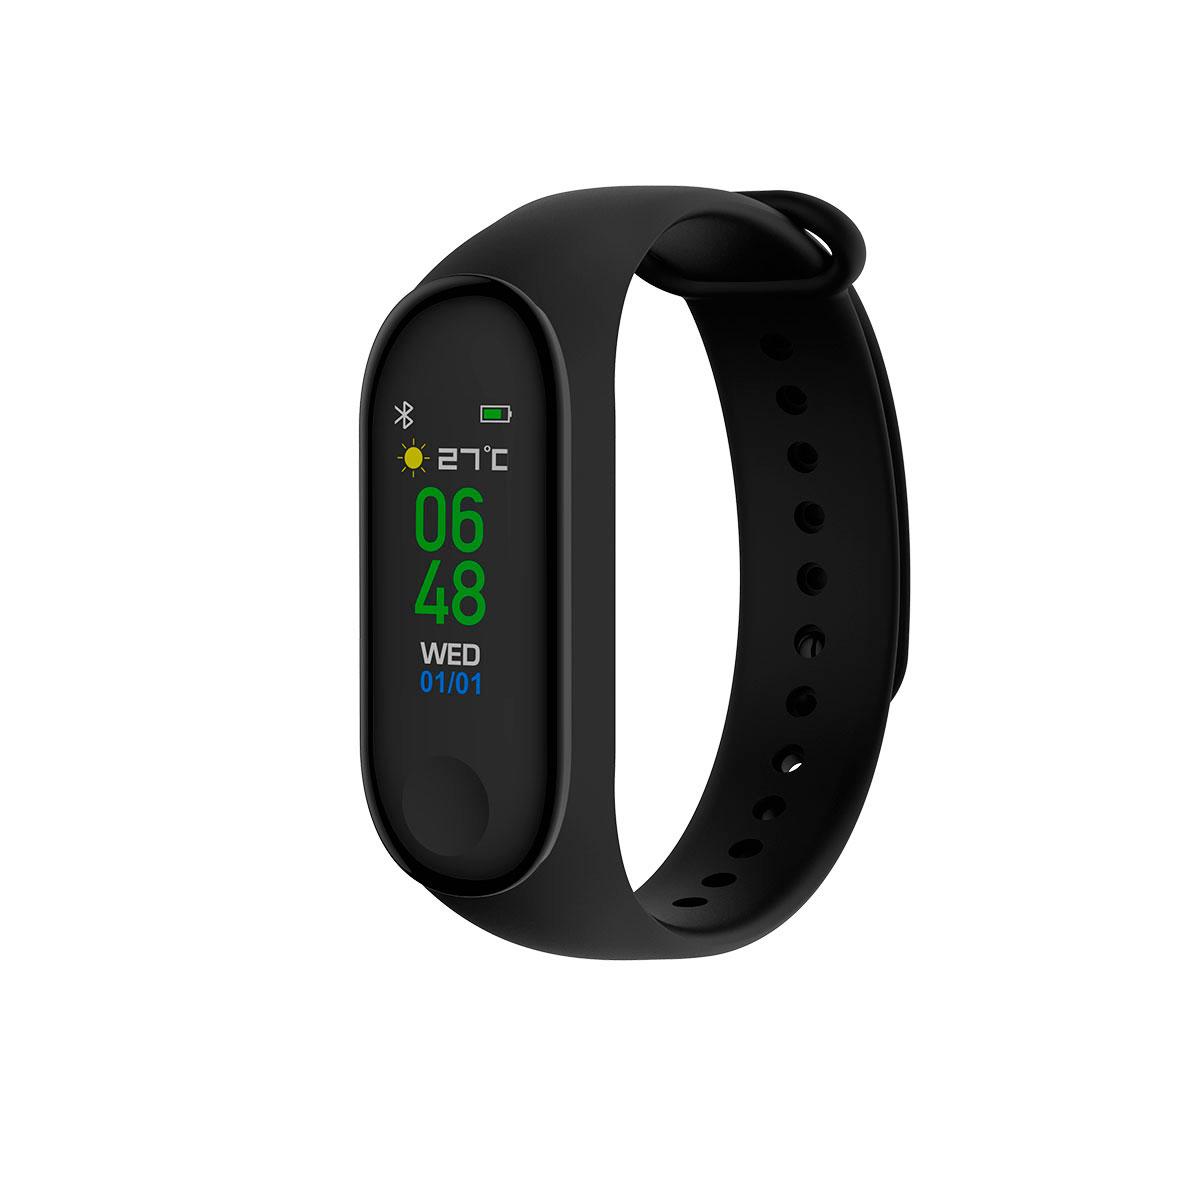 d5cee5c8b48 Fitness armbånd (Bluetooth) Sort - Køb Denver BFH-240 her